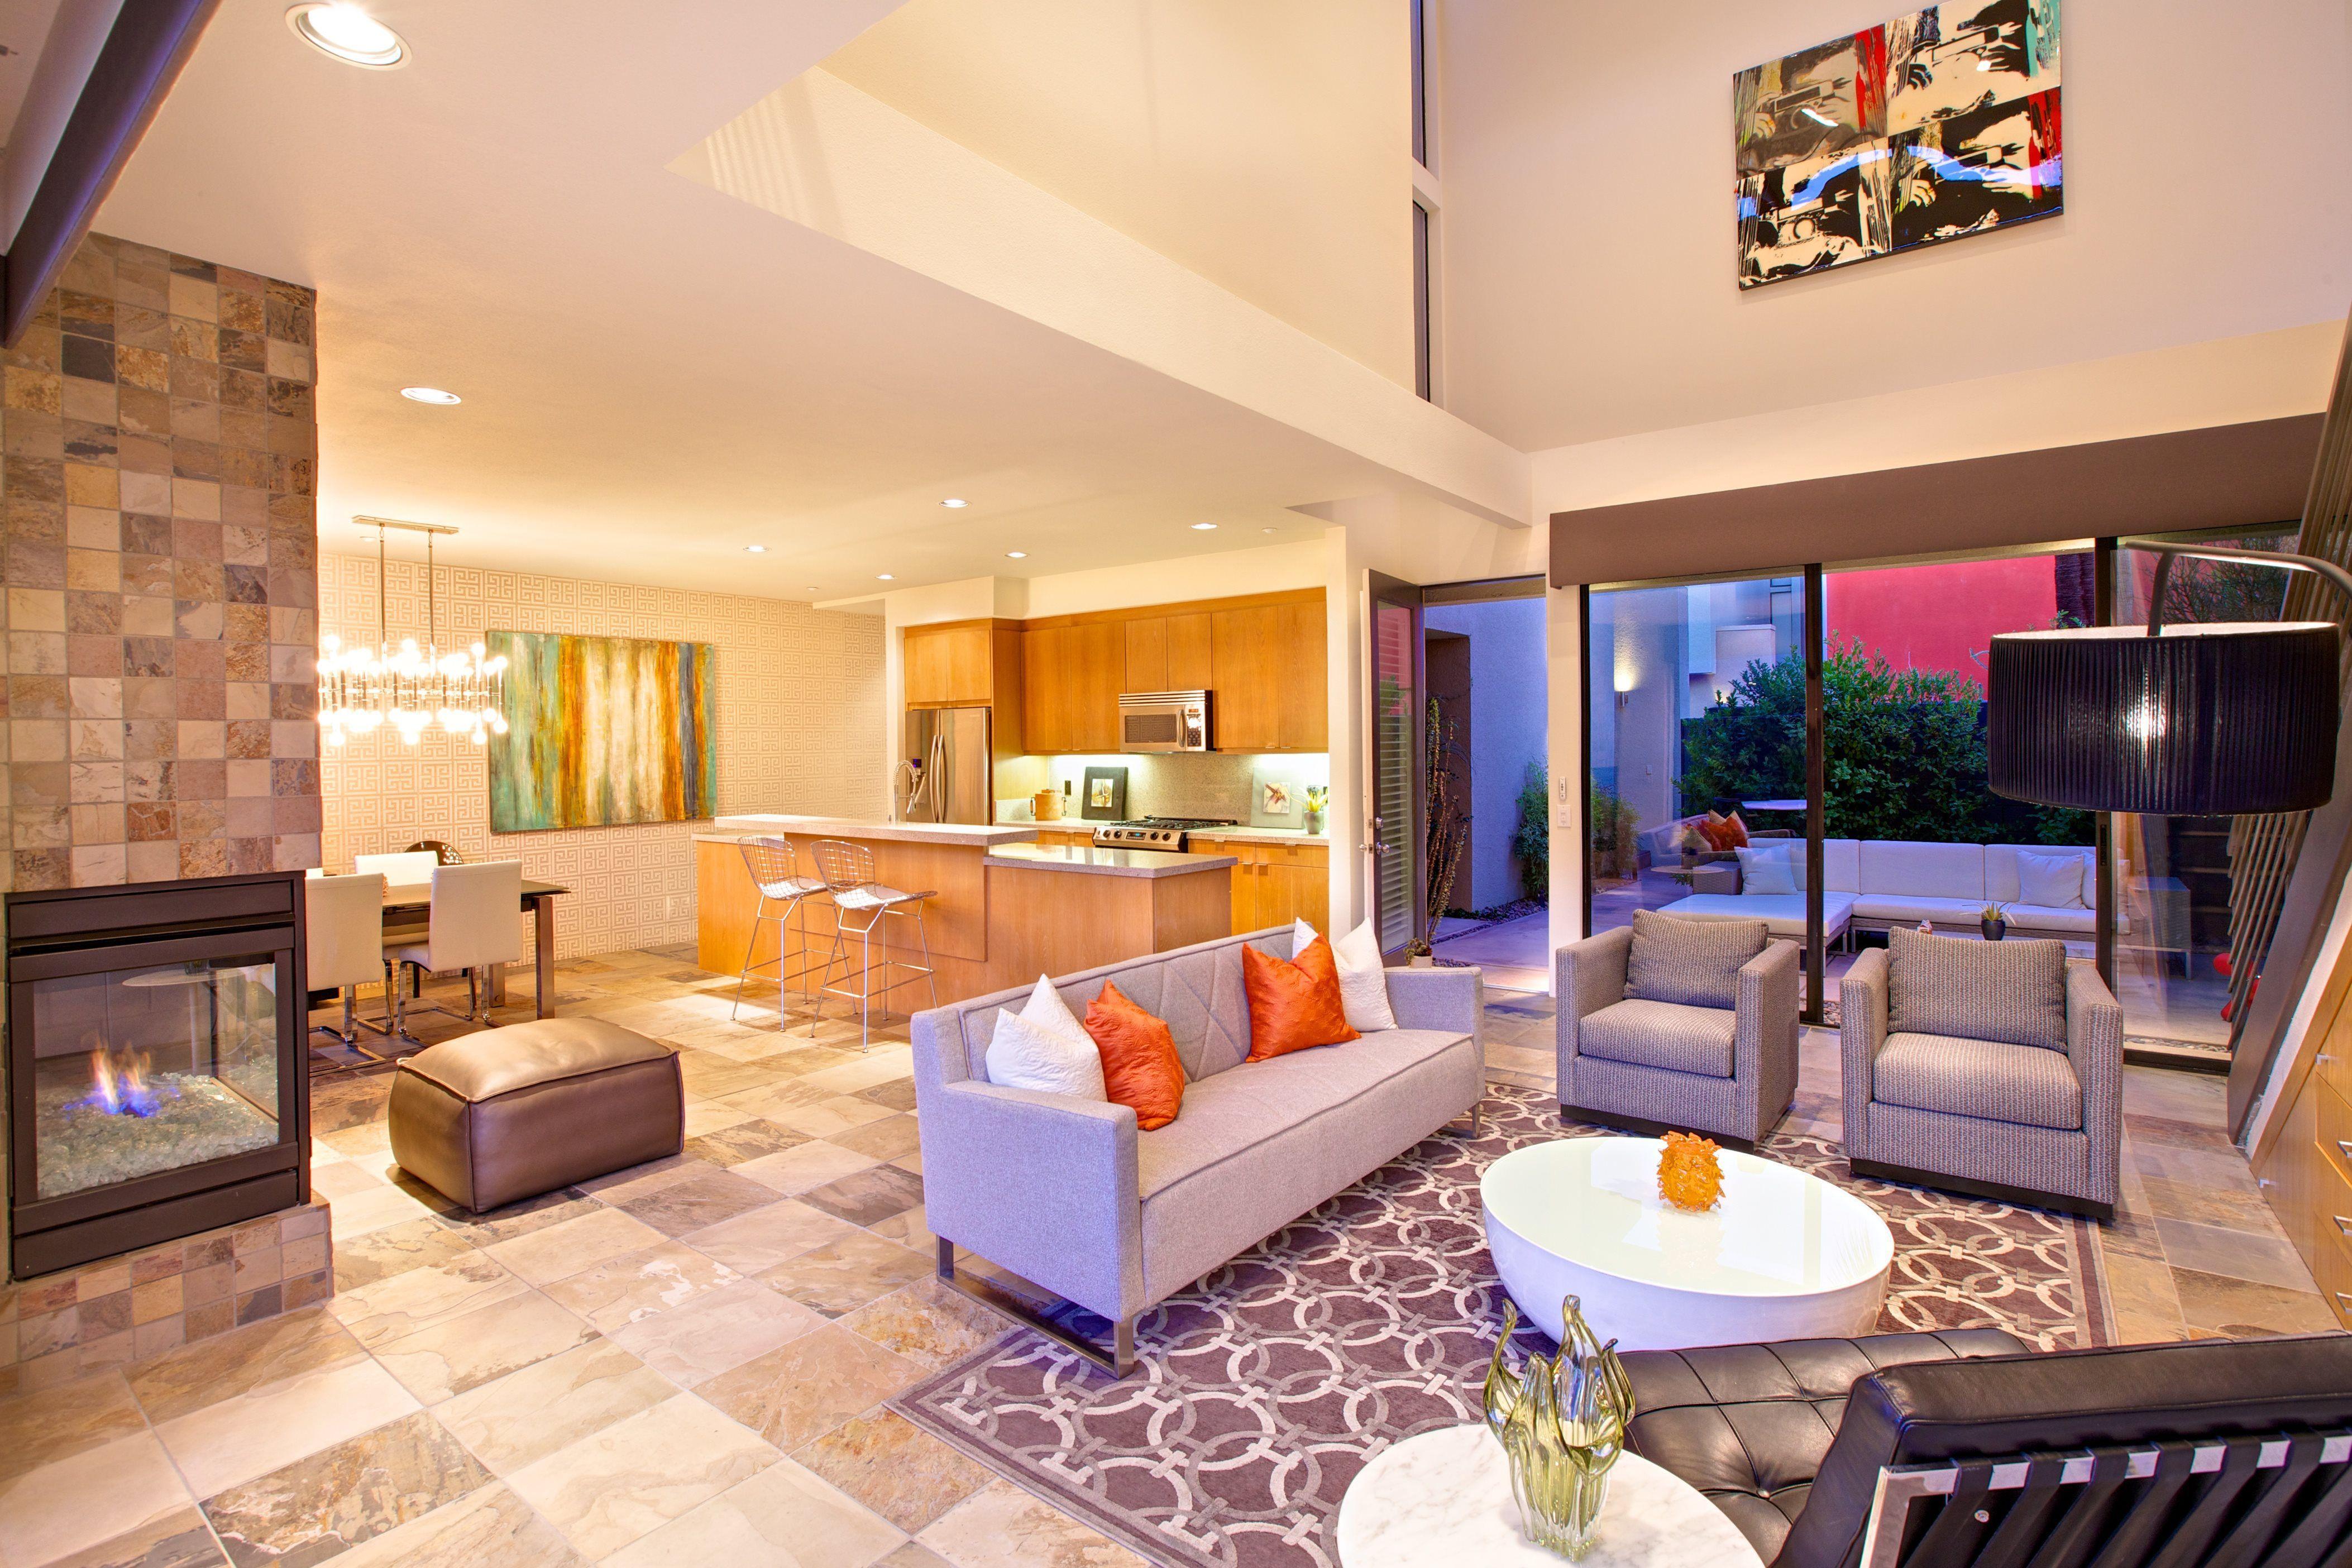 best interior designers in california la best interior design rh pinterest com